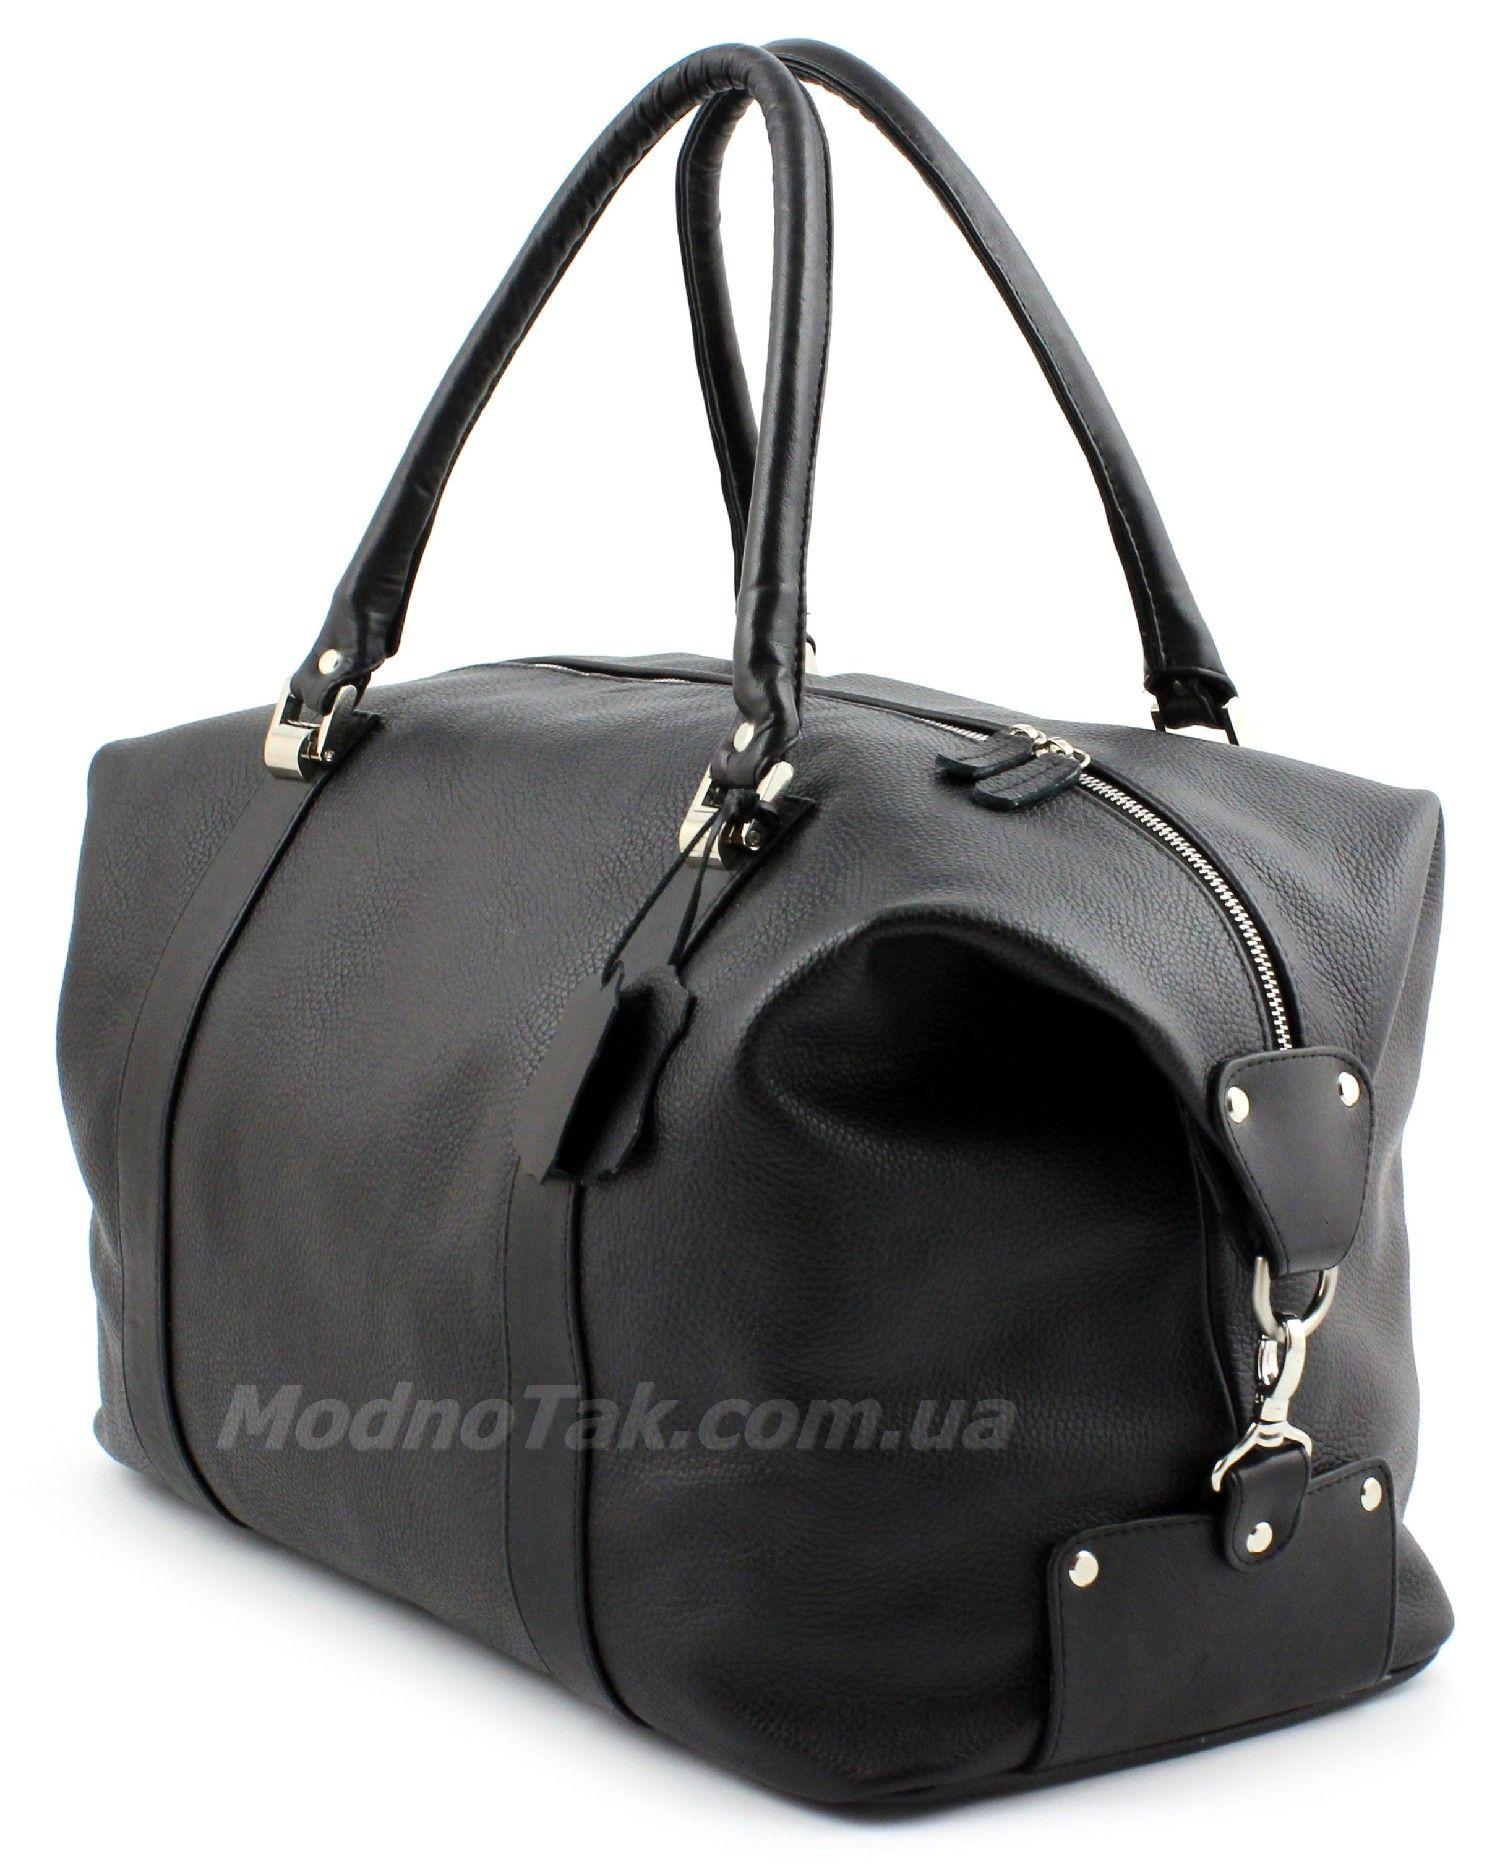 b2e188664306 Дорожная сумка из итальянской натуральной кожи - для города и командировок  Travel Bag (10005)